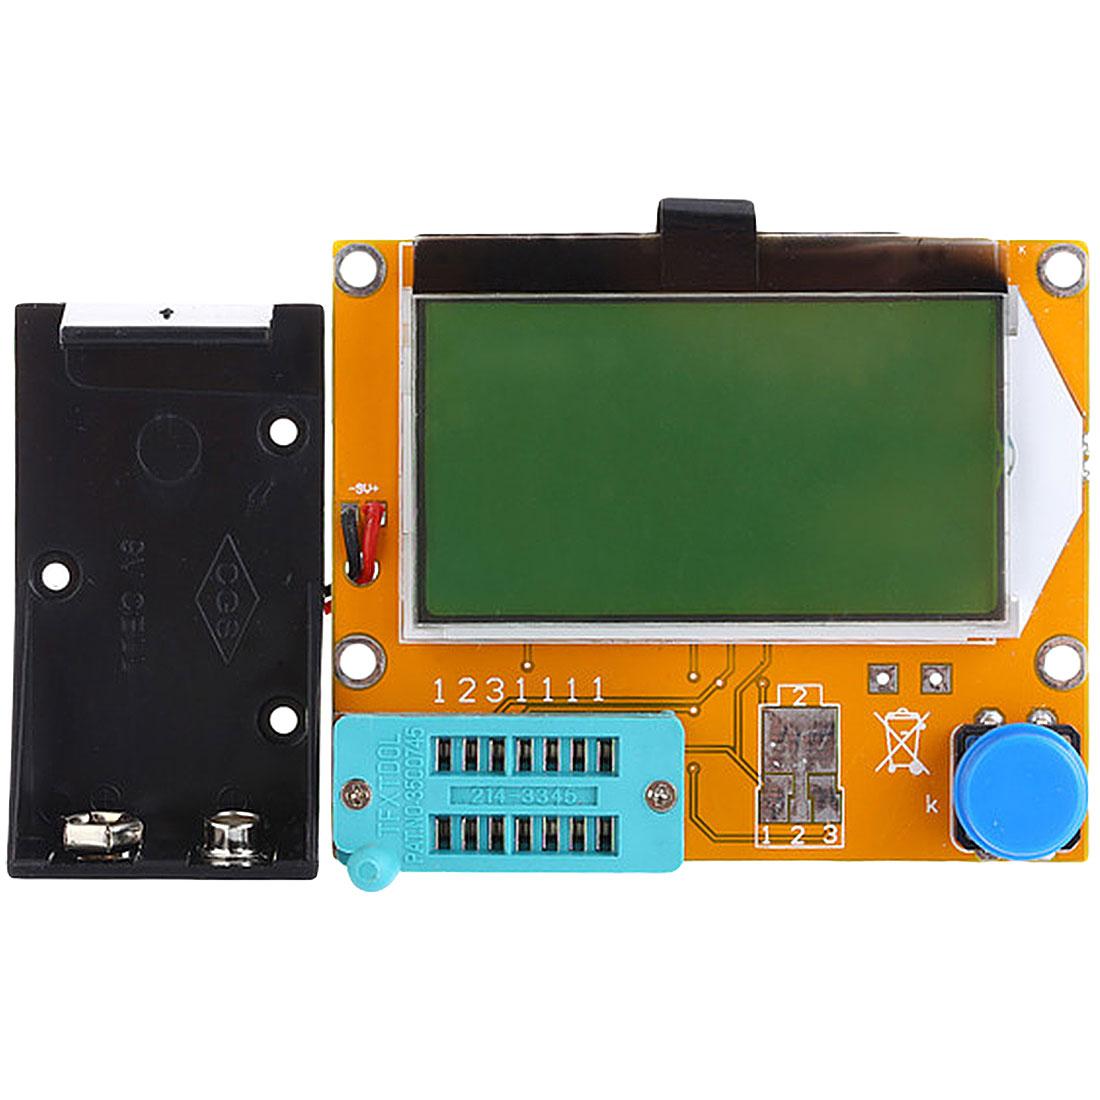 M328 LCR-T4 12846 LCD Digital Transistor Tester Meter Backlight Diode Triode Capacitance ESR Meter For MOS/PNP/NPN L/C/R